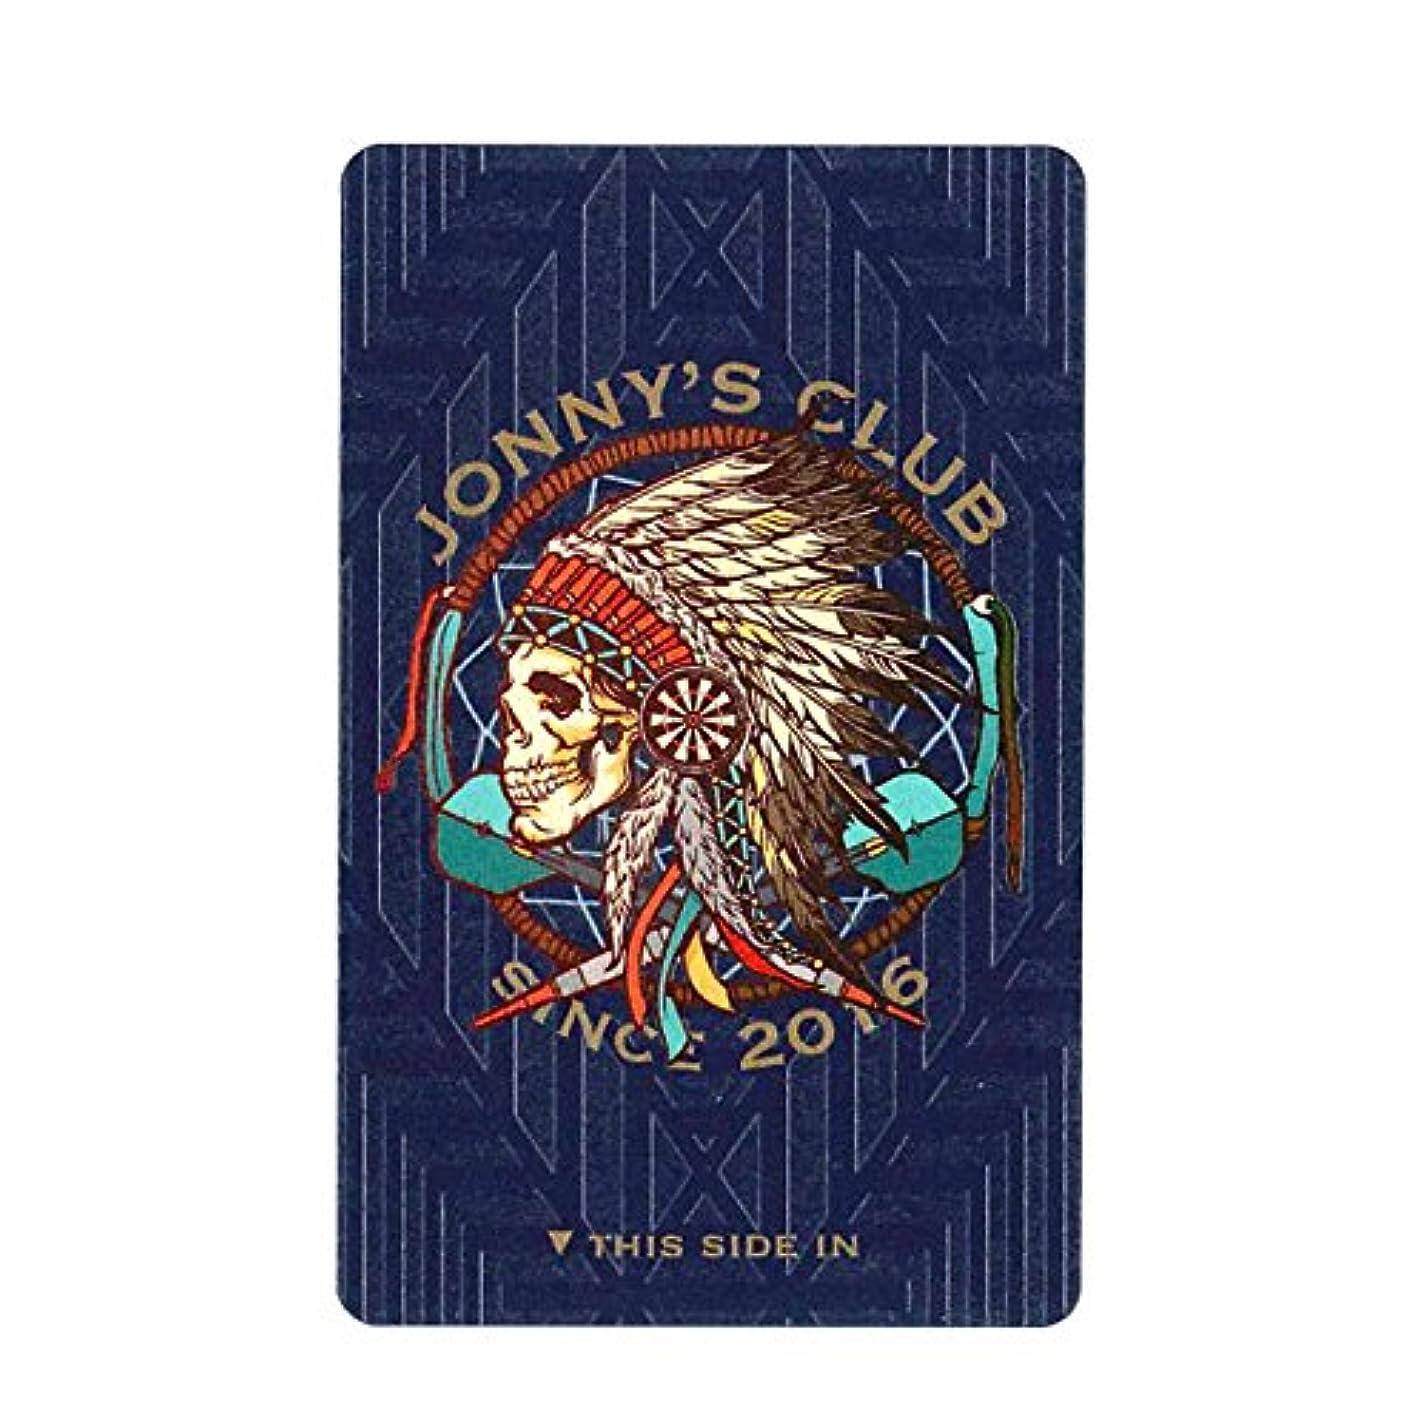 いつでもピストンブラシ【ステッカーシート JONNYS CLUB(ジョニーズクラブ) DARTSLIVE CARD (ダーツライブカード)